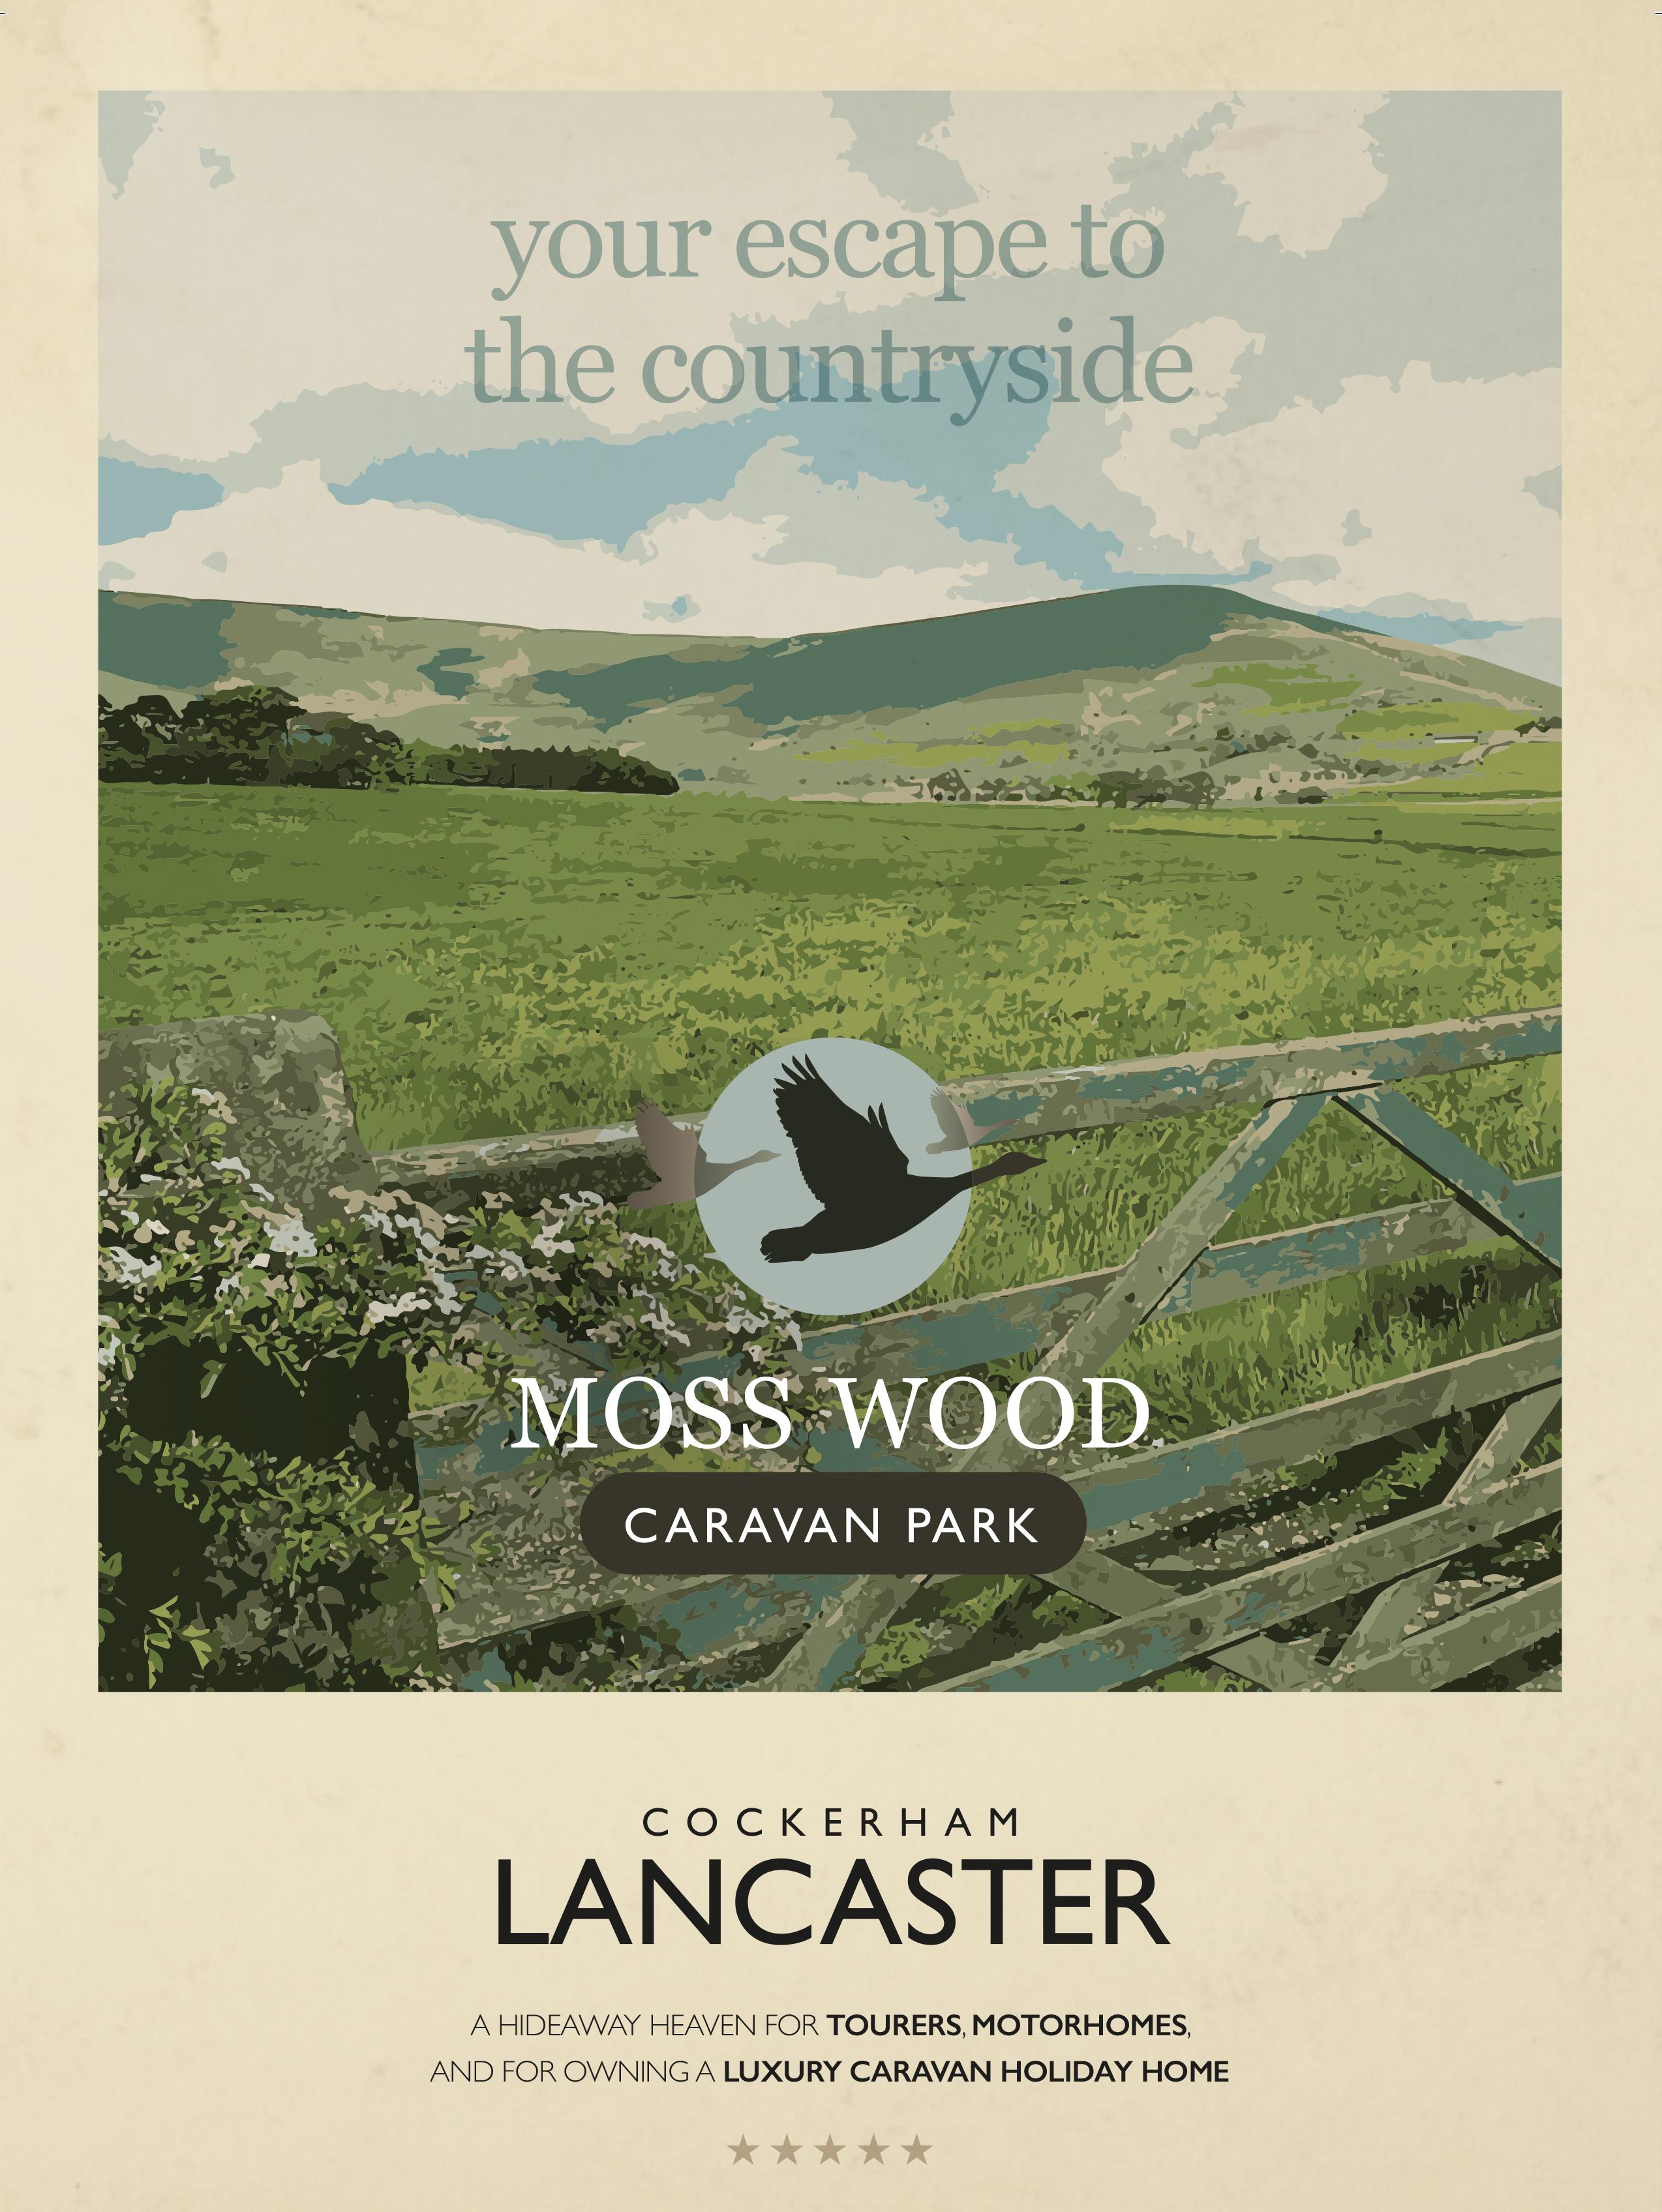 mosswood-brochure